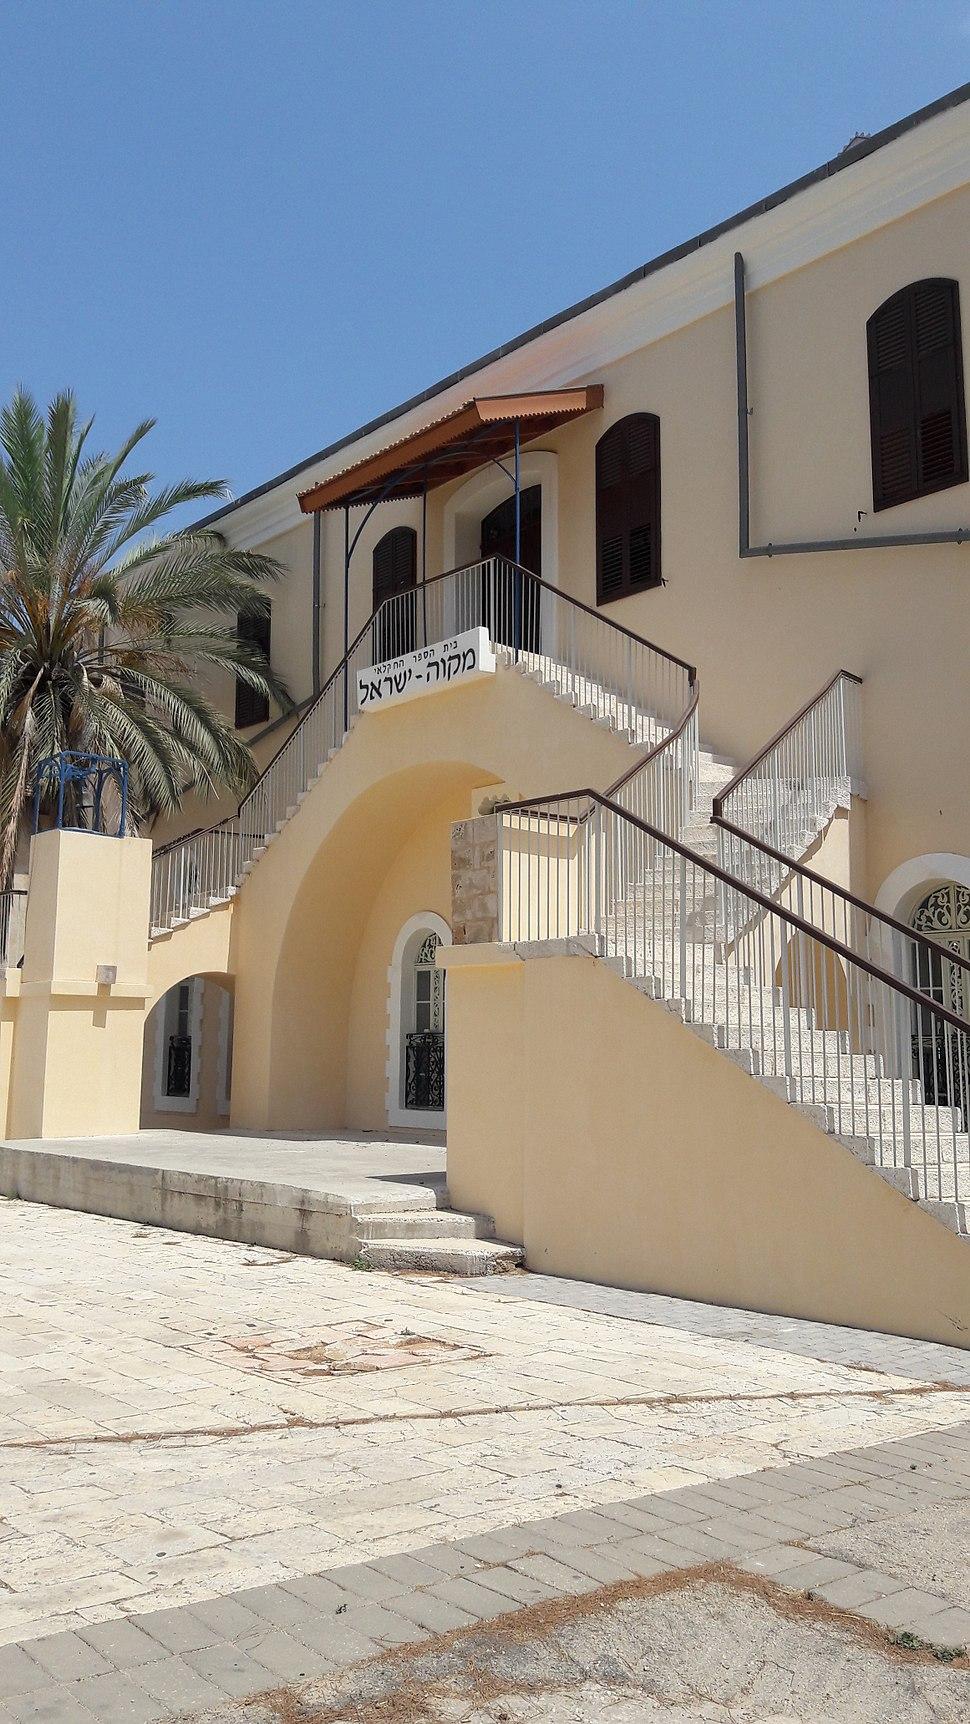 Mikveh Israel Synagogue shimur 03